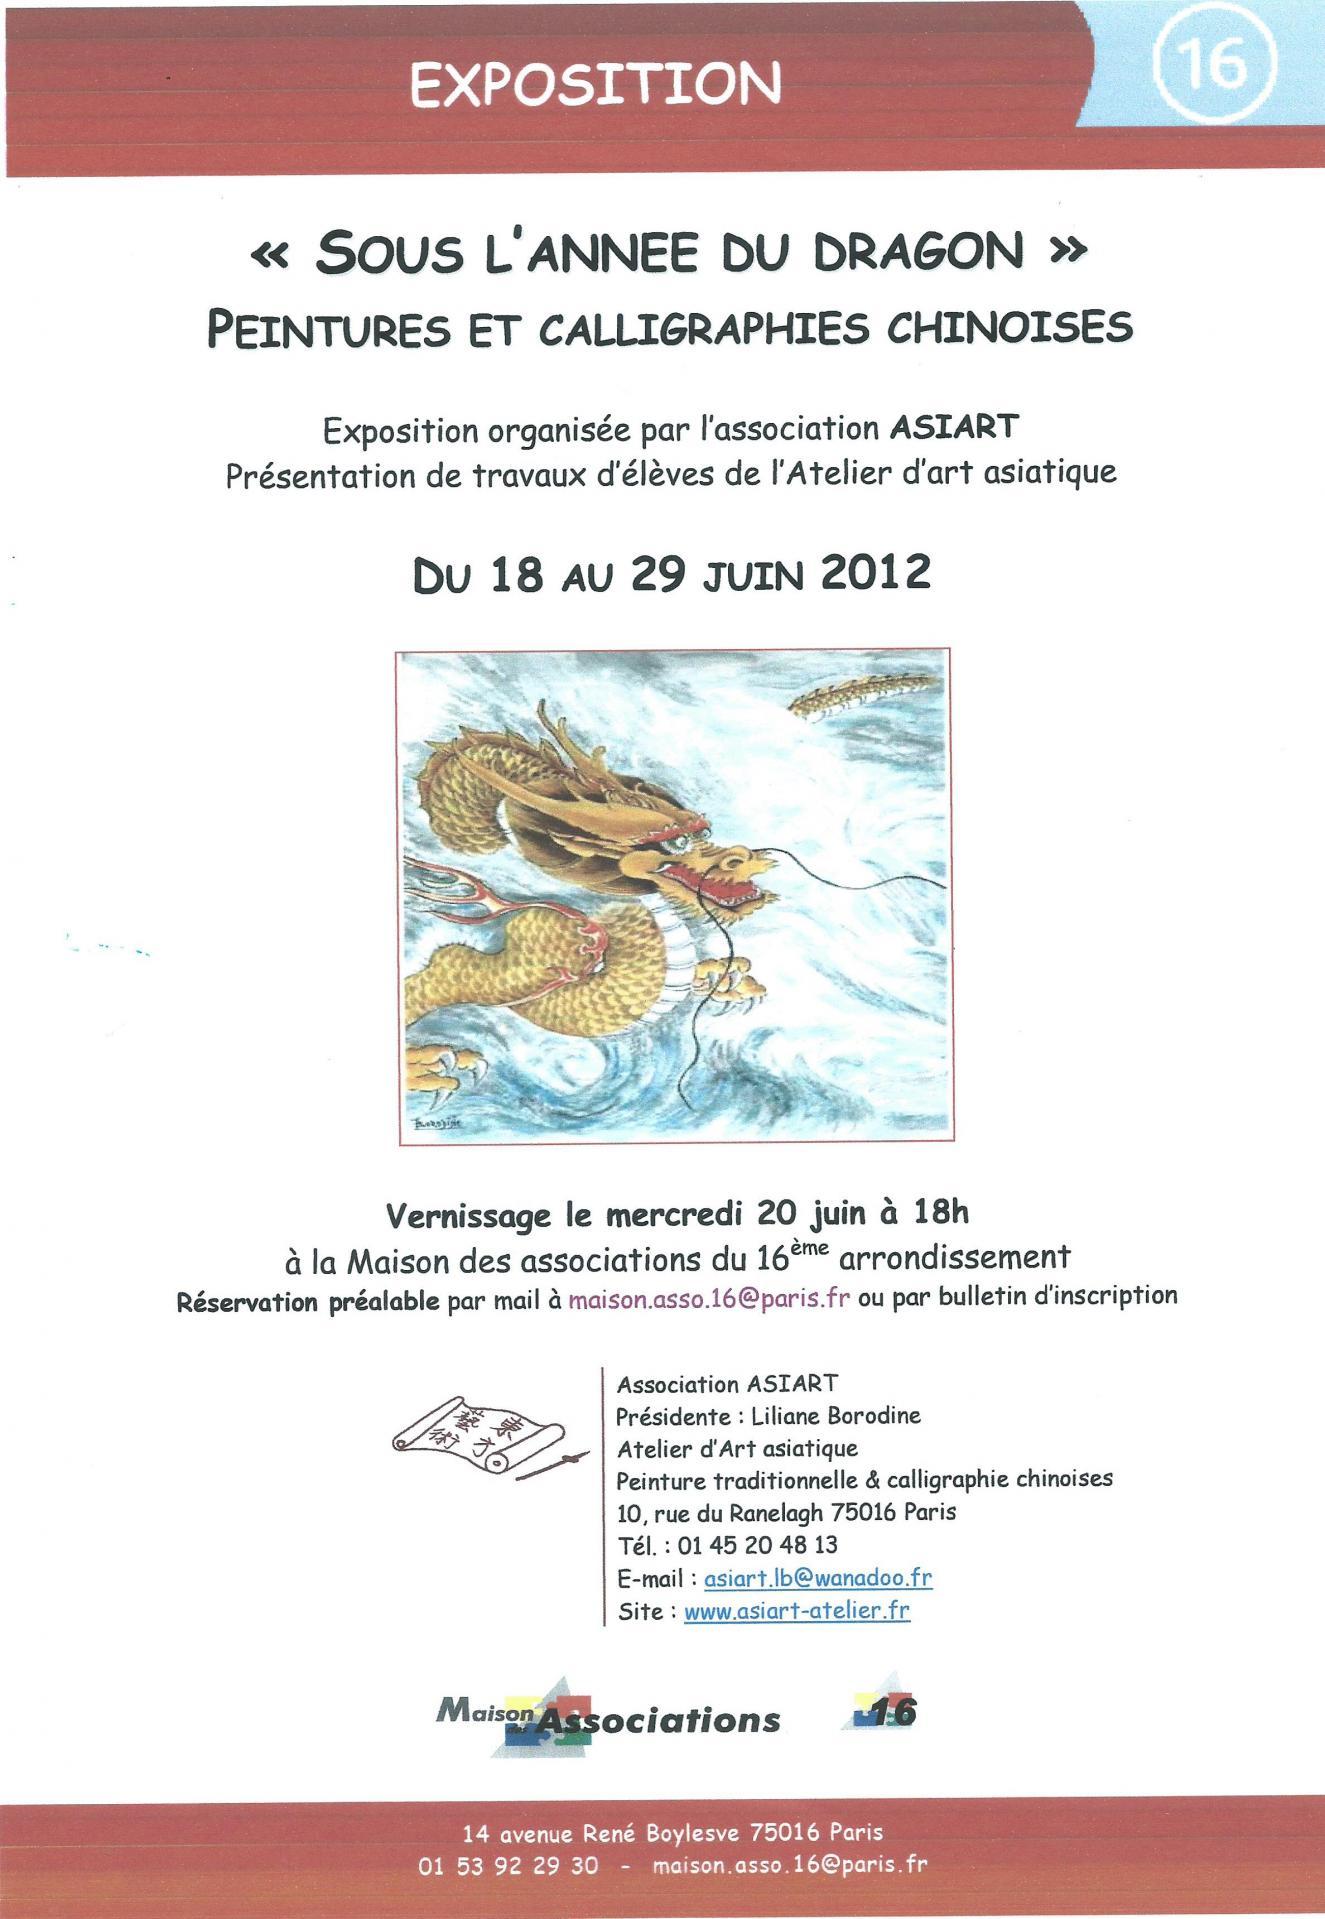 3eme exposition des eleves d asiart en 2012